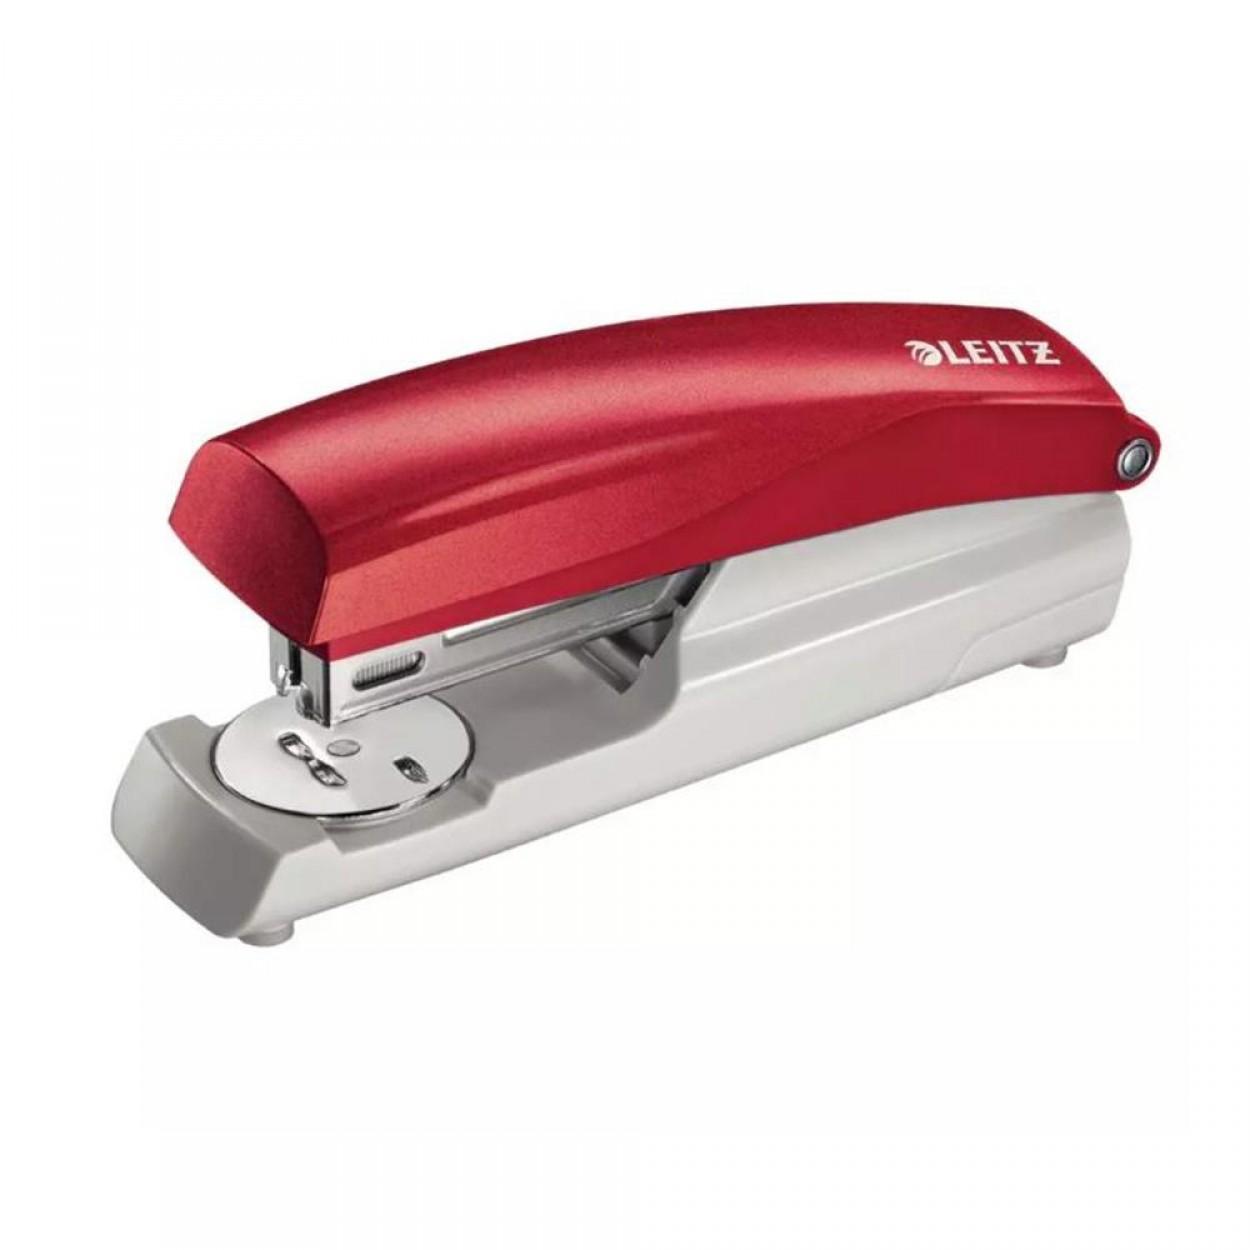 Leitz 5500 Kırmızı Zımba Makinesi (30 Sayfa Kapasiteli)